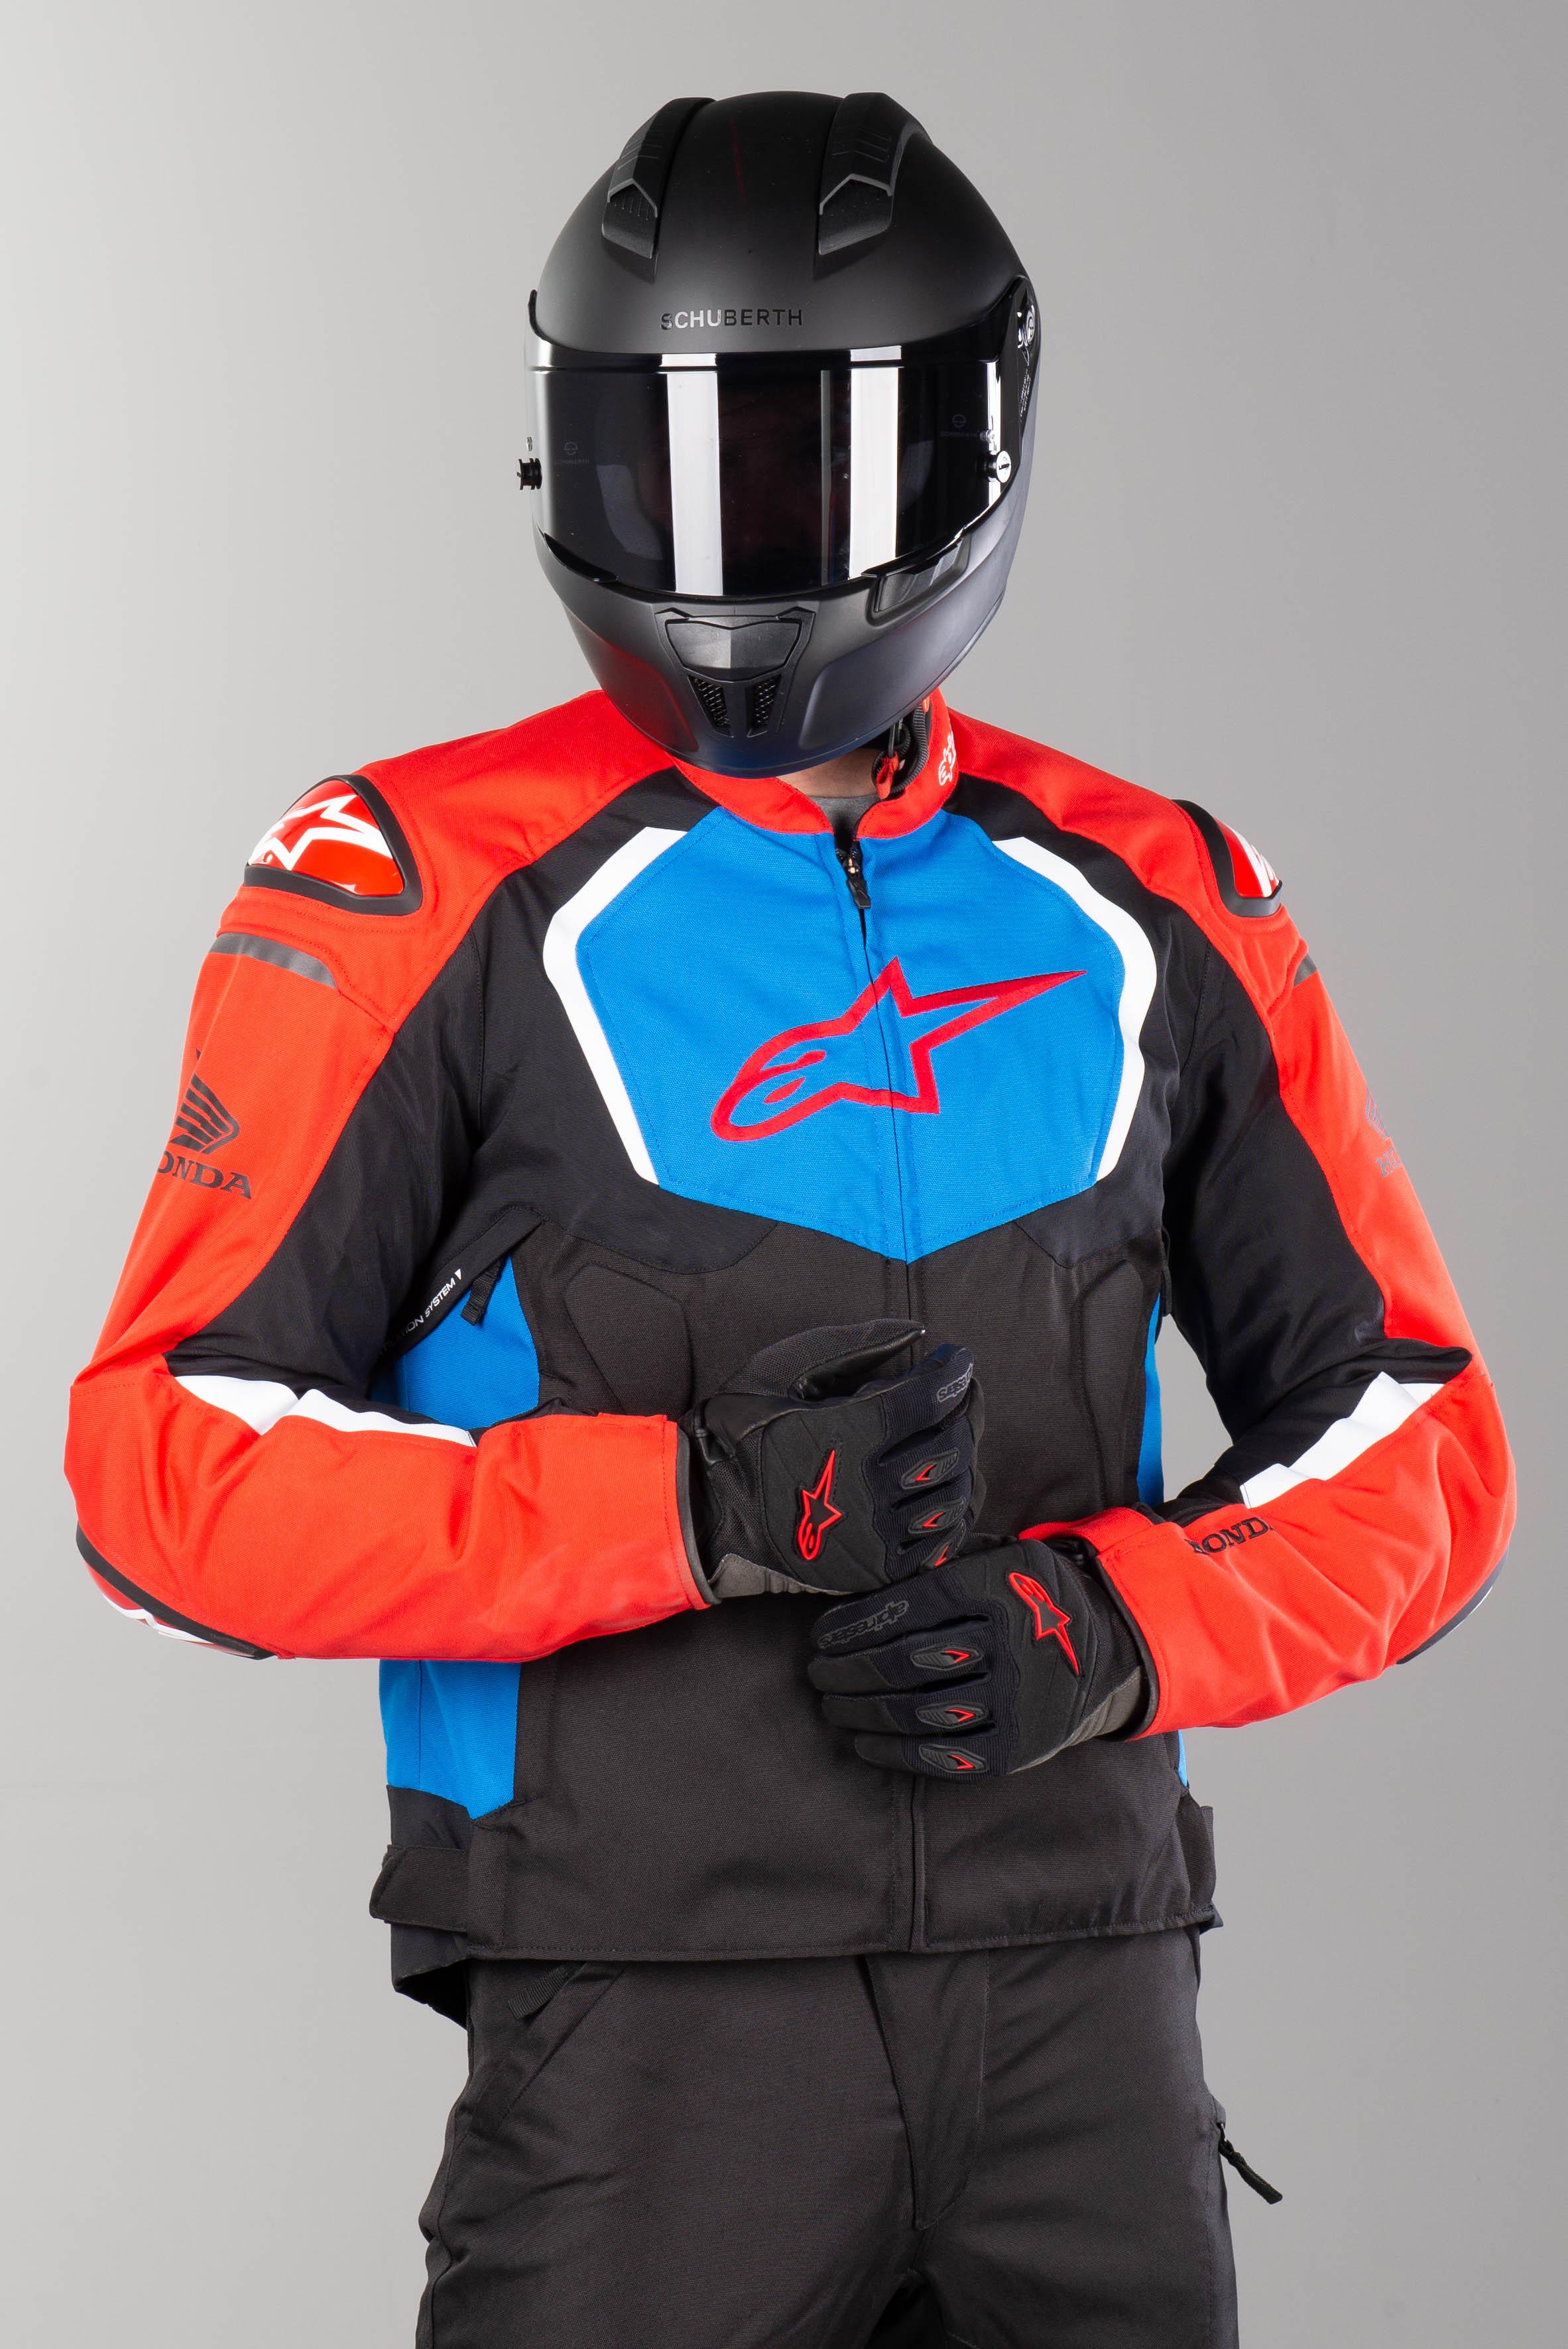 Alpinestars Veste Honda Alpinestars Honda T-GP Pro V2 Noir-Rouge-Bleu 4XL